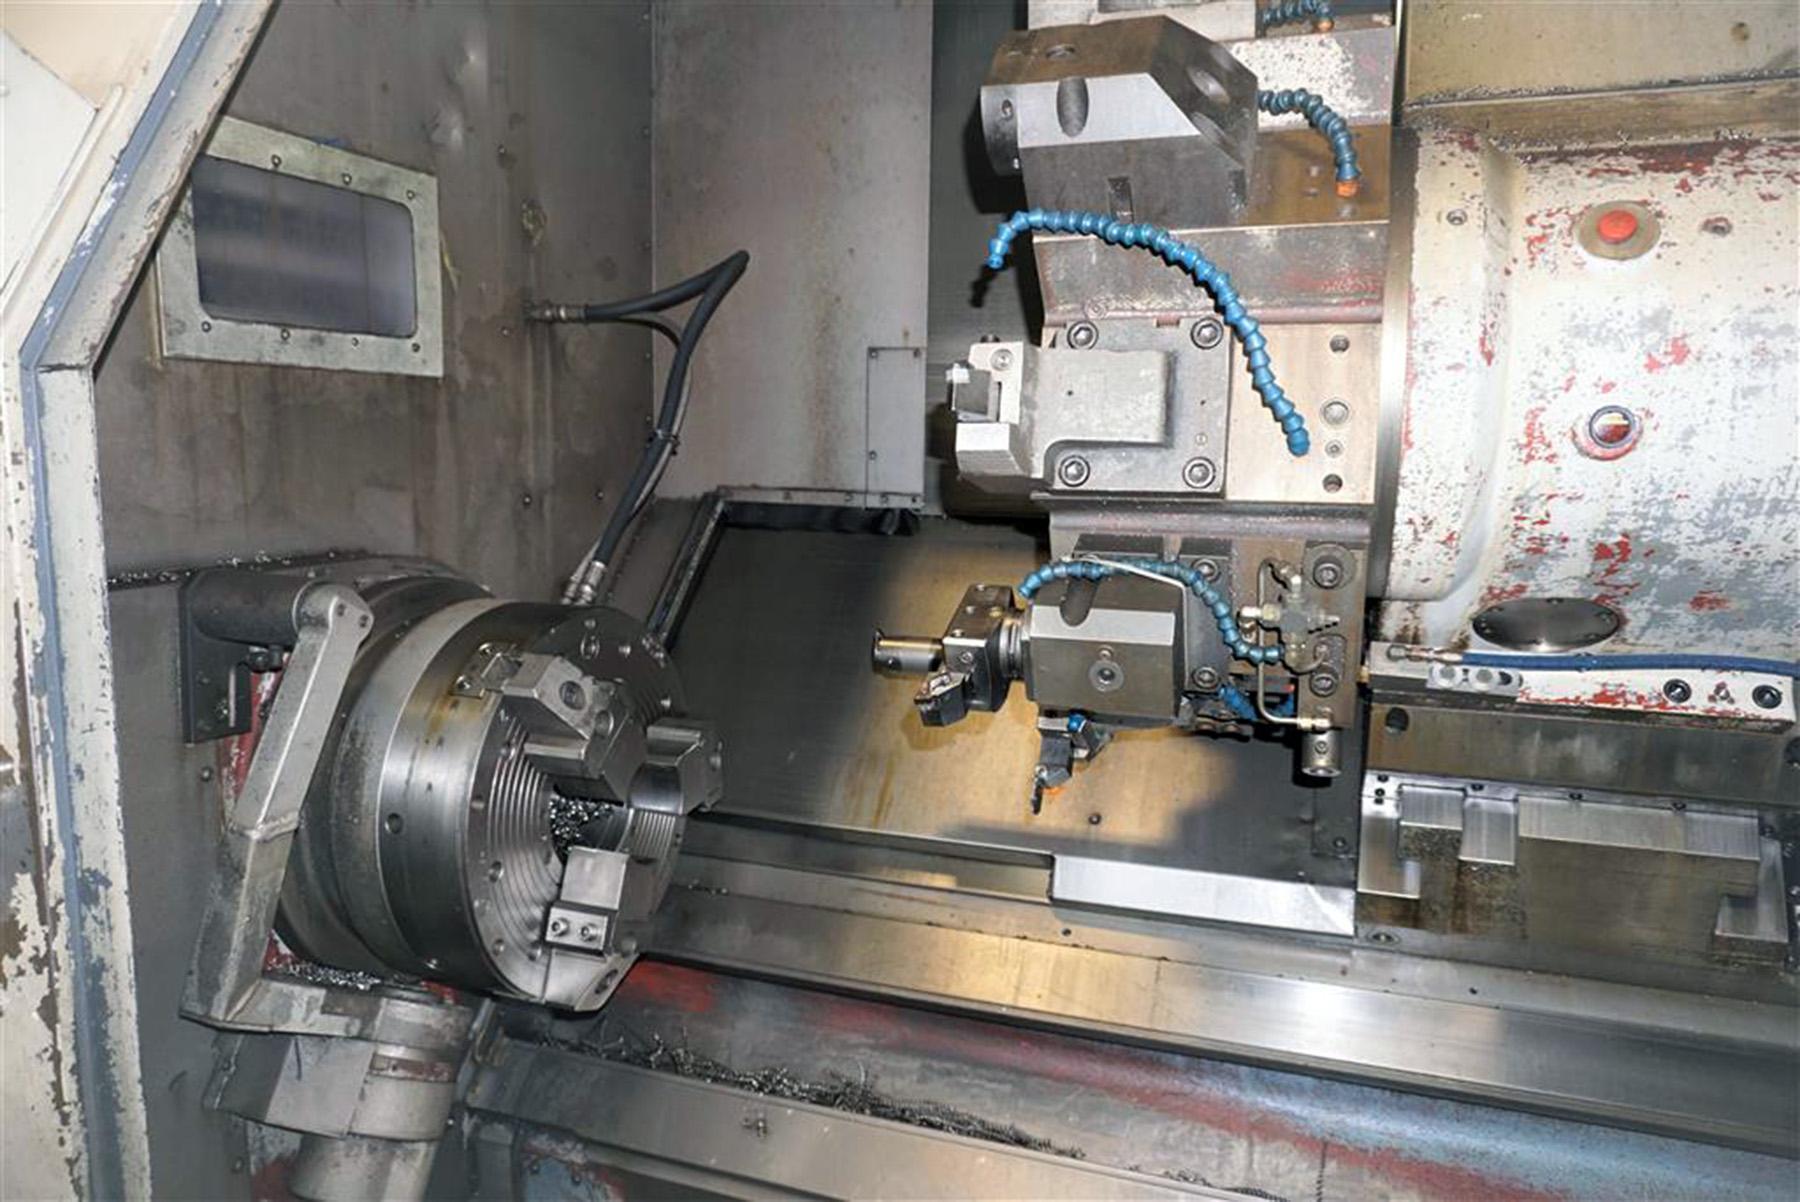 USED, MAZAK SLANT TURN 50NX-2000U CNC LATHE